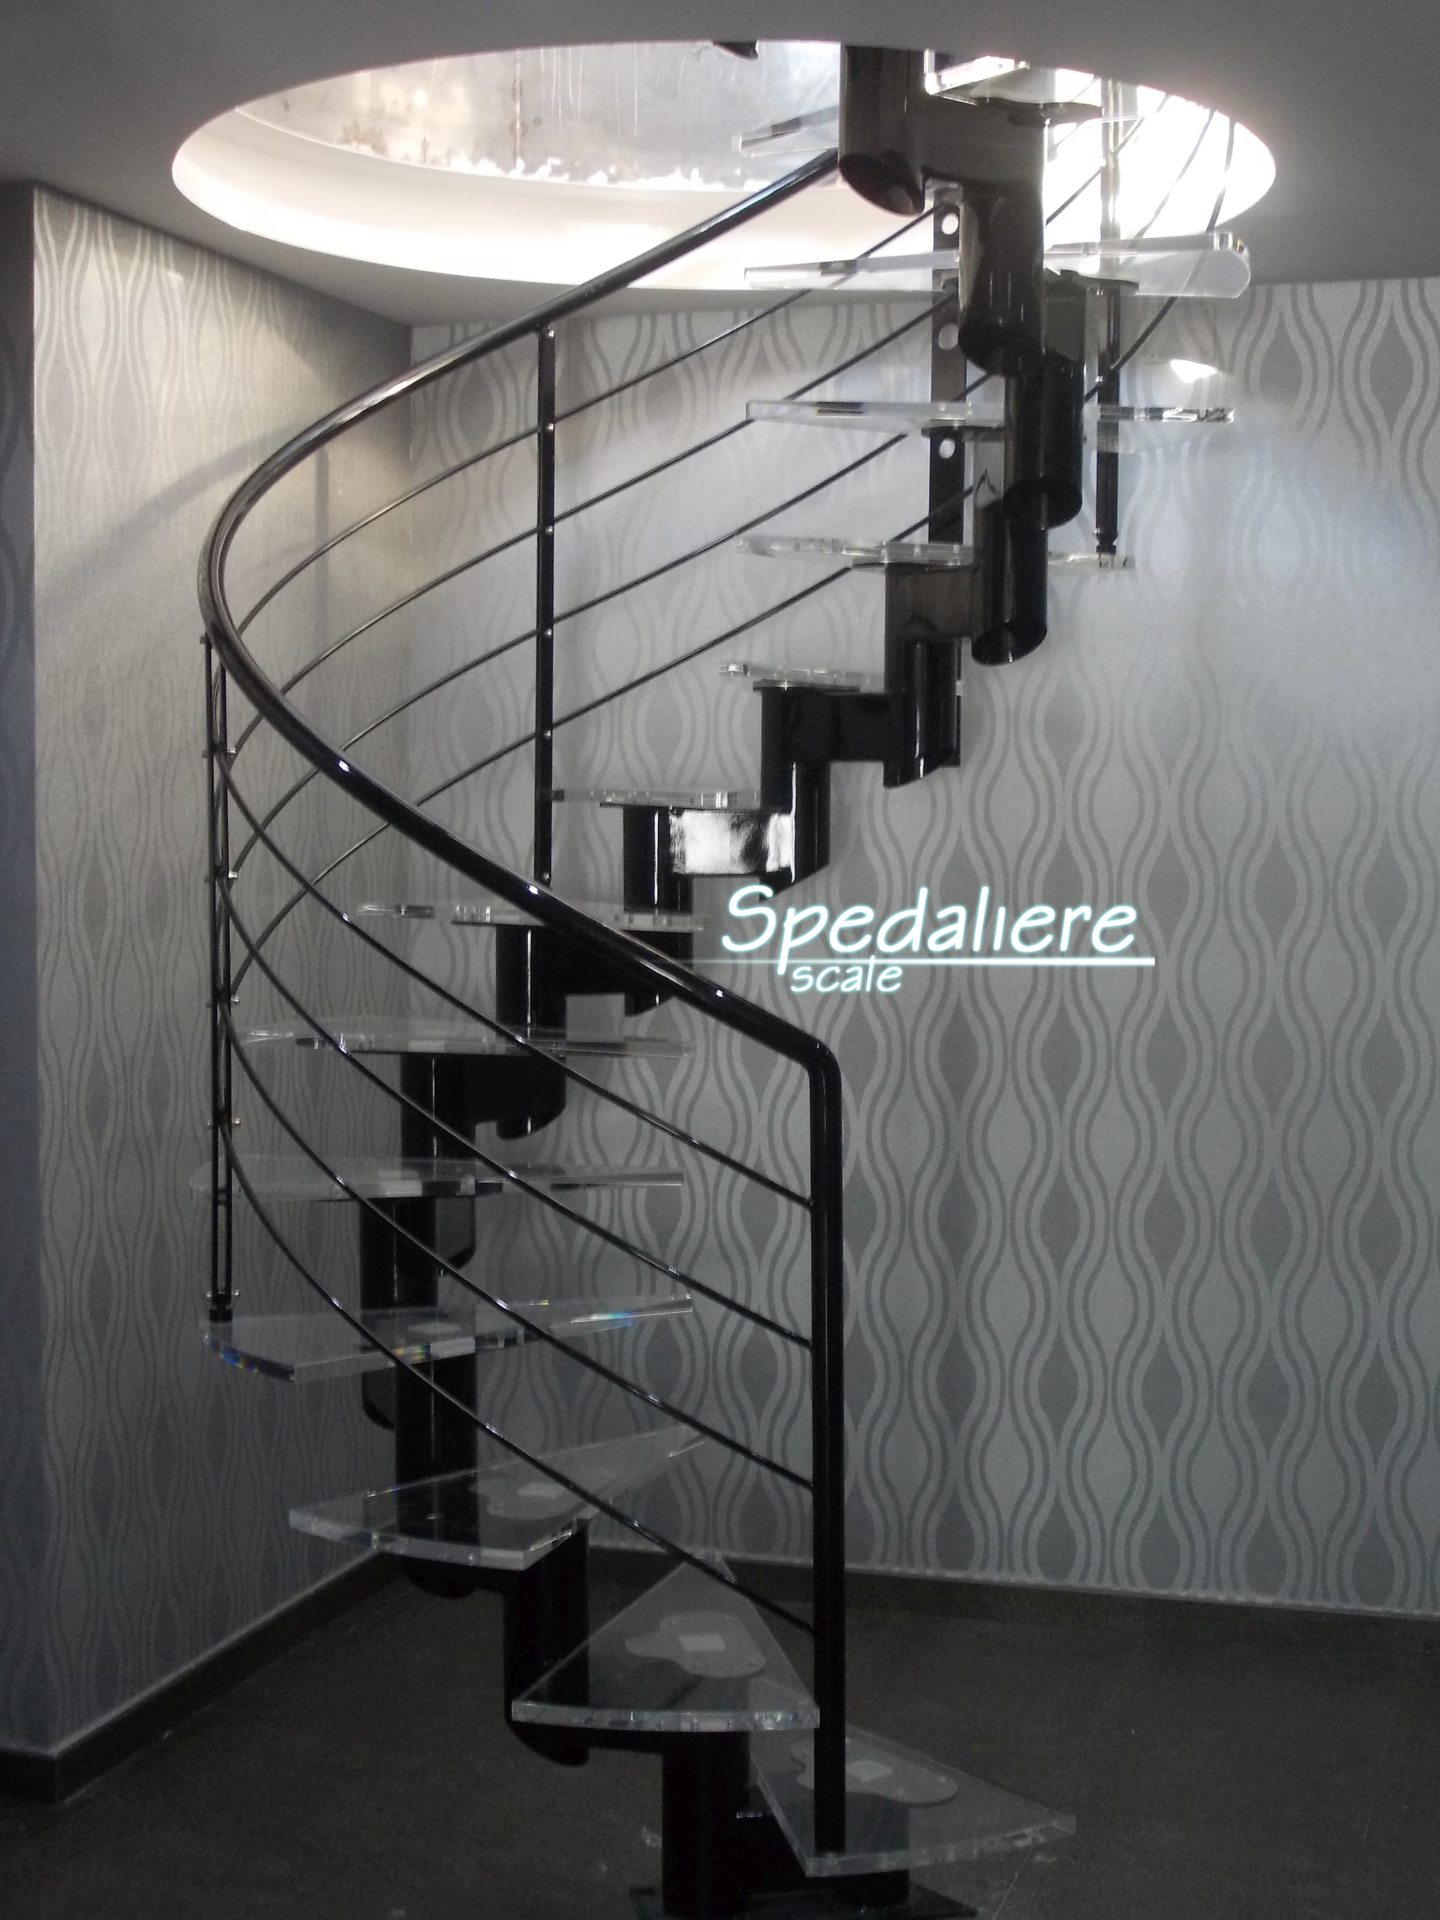 Elicoidale mono trave realizzata con gradini in plexiglas trasparente finiture nero lucido, illuminata